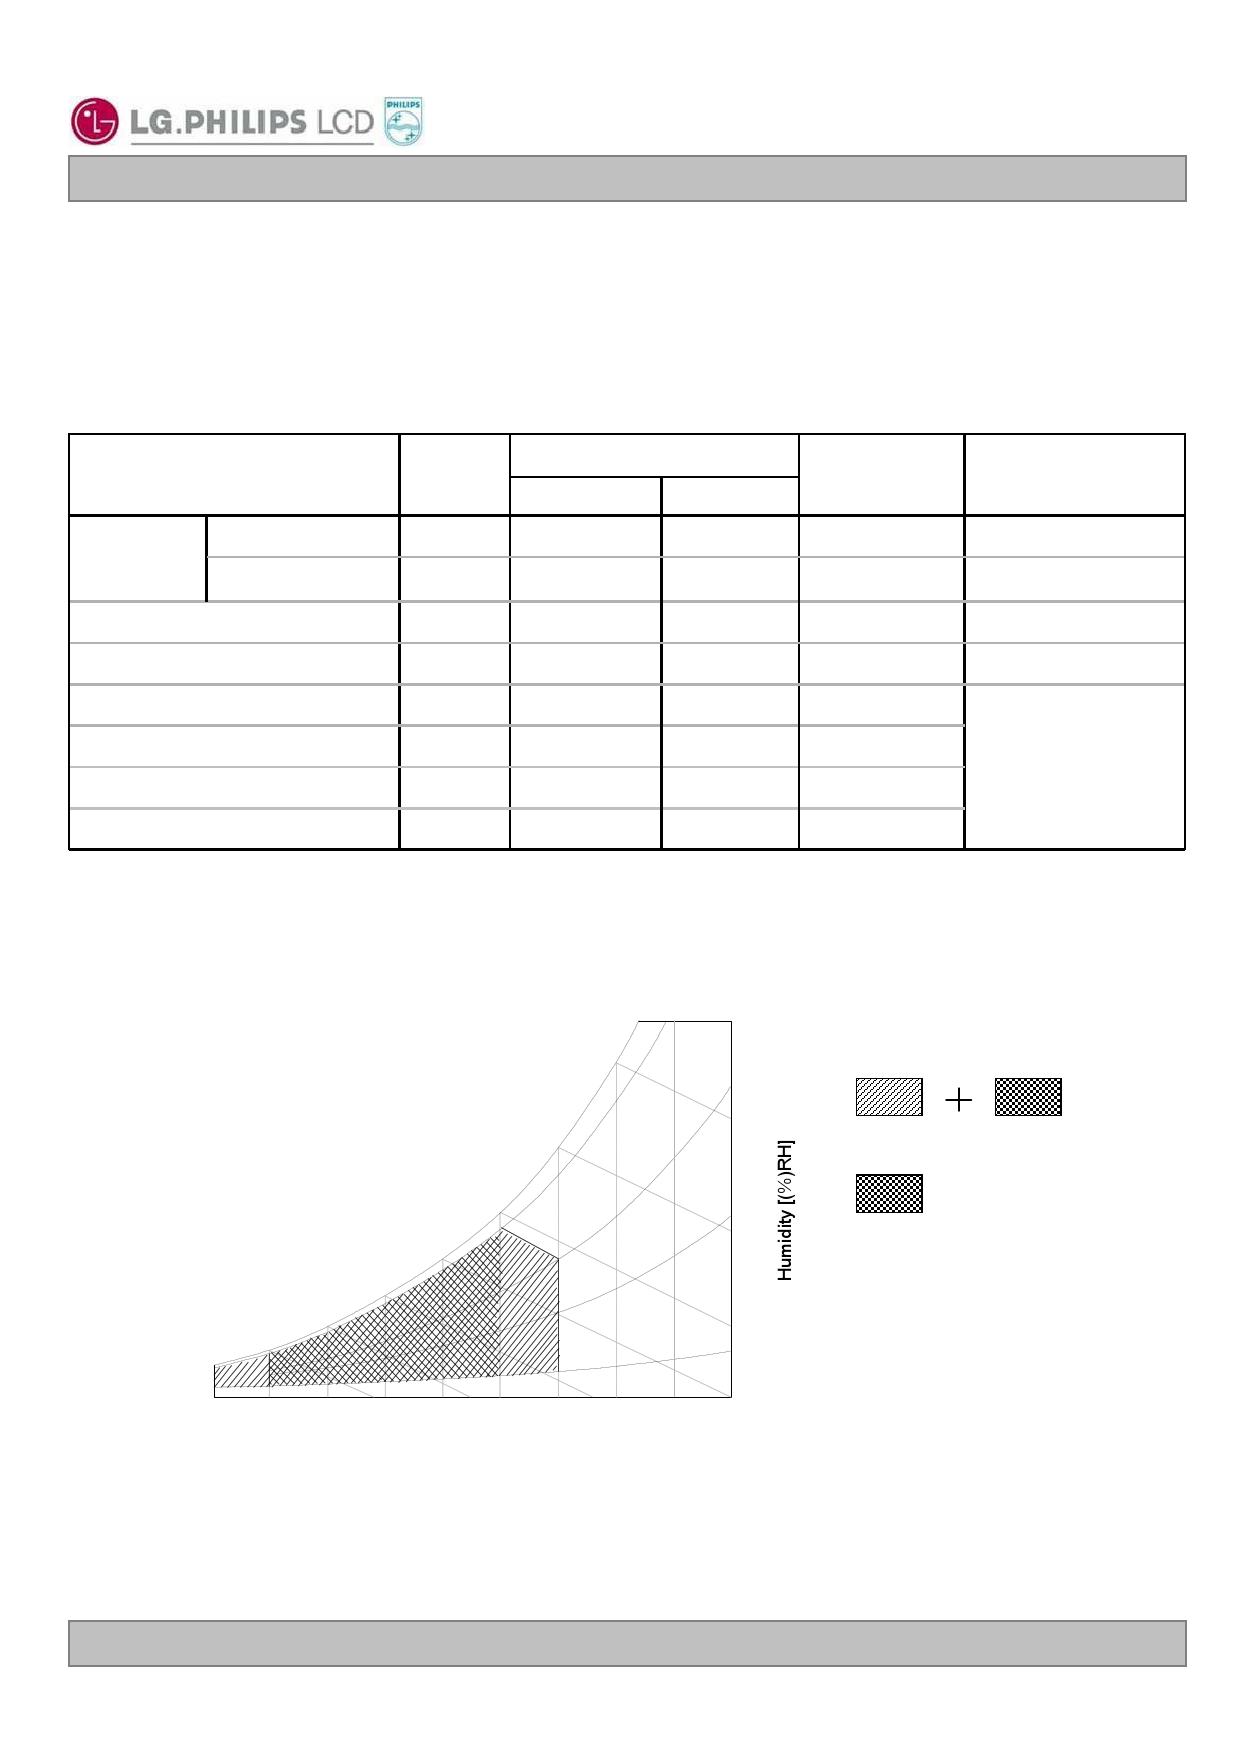 LC320W01-A4 pdf